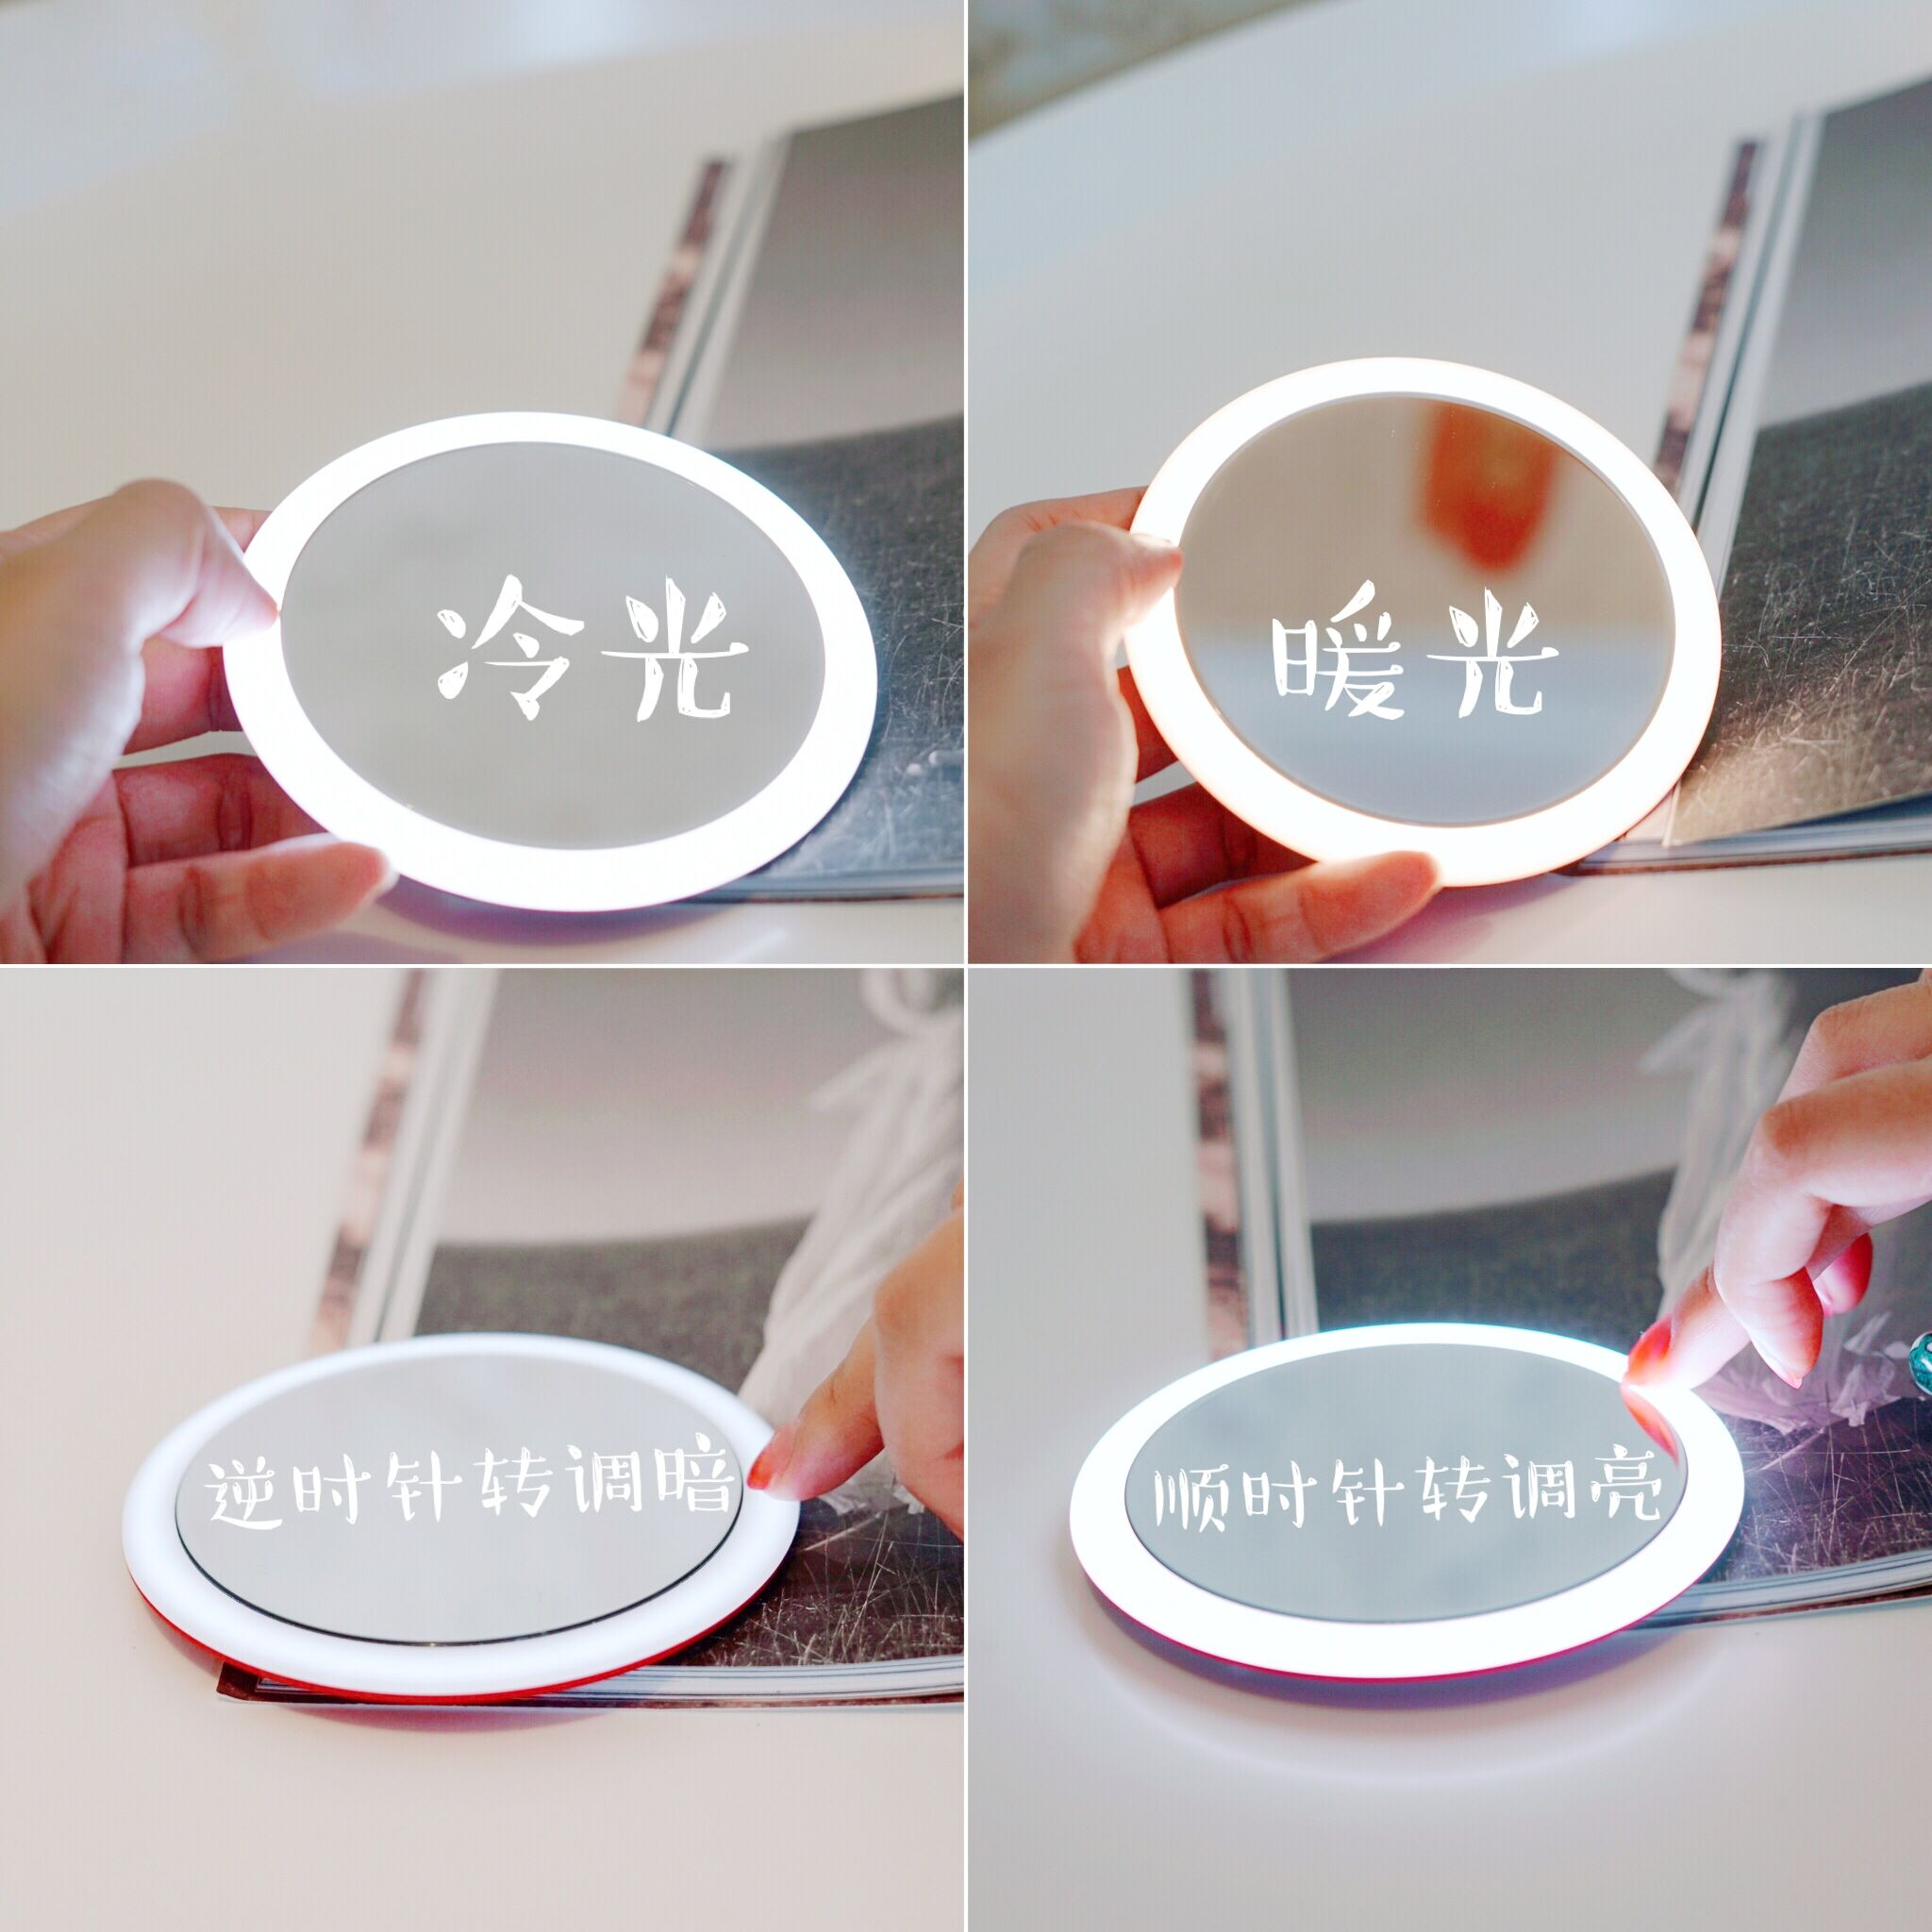 【化妆必备补光镜】MINE MIRS智能补光化妆镜 随身便携 无限充电